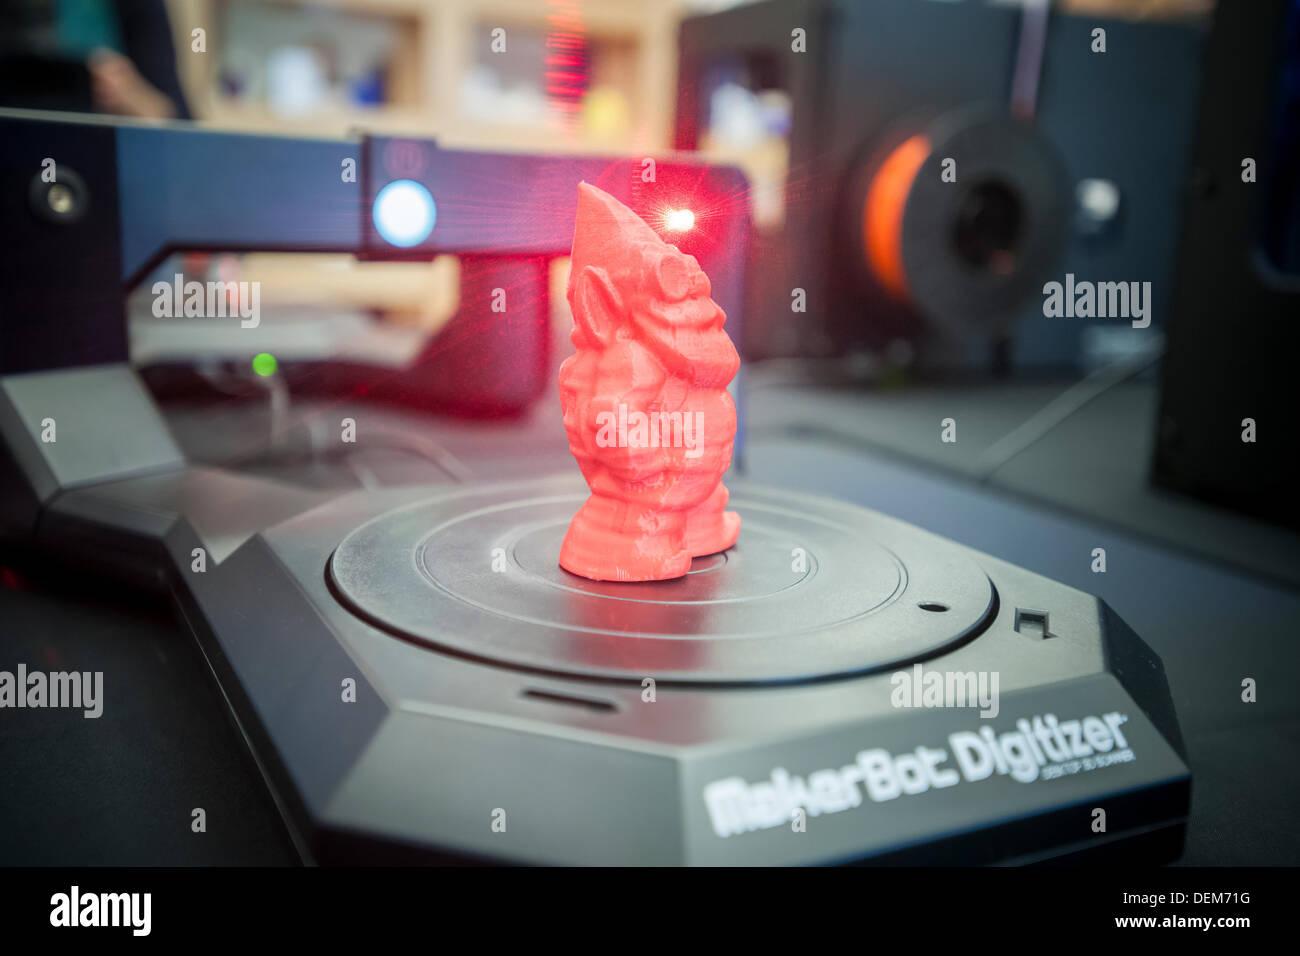 New York, Stati Uniti d'America. Xx Settembre 2013. Un Industrie MakerBot MakerBot digitalizzatore Desktop 3D lo scanner esegue la scansione di un gnome figura nell'MakerBot uffici a New York venerdì, 20 settembre 2013. MakerBot introdotto i $1400 MakerBot digitalizzatore Desktop scanner 3D che consentirà agli utenti di eseguire la scansione di oggetti fino a 8x8x8 pollici e stampare i duplicati sulla loro $2199 Replicator 2 o un altro marchio di stampante 3D. Credito: Richard Levine/Alamy Live News Immagini Stock